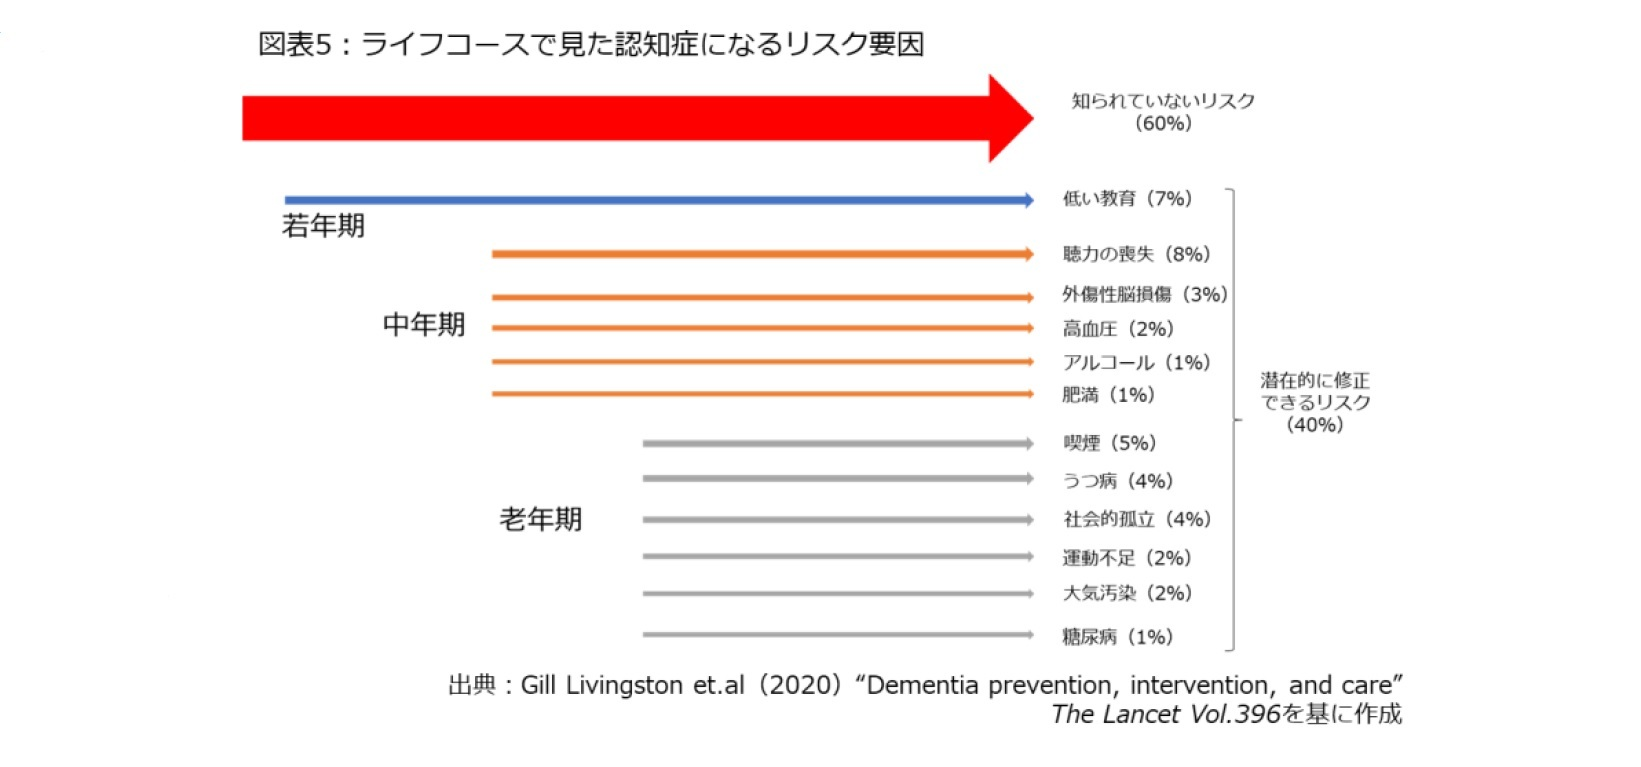 図表5:ライフコースで見た認知症になるリスク要因